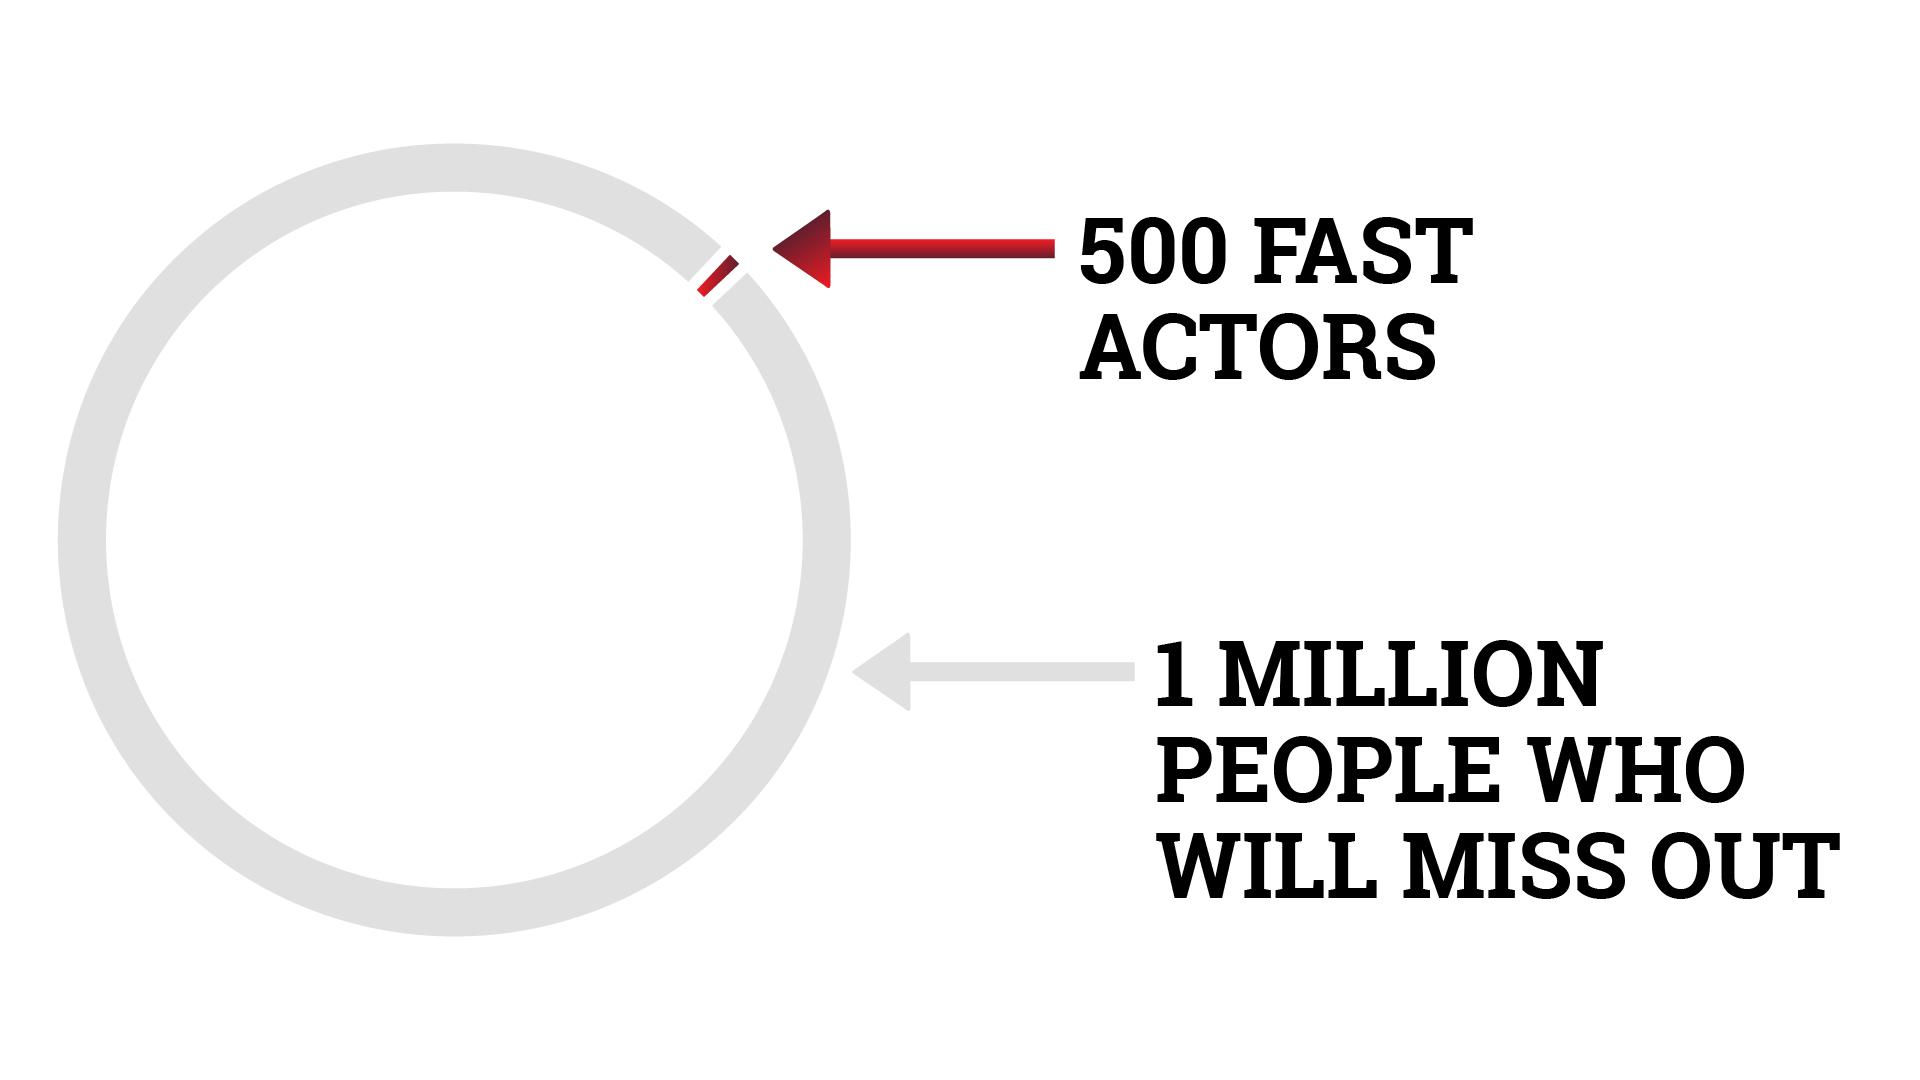 Fast Actors